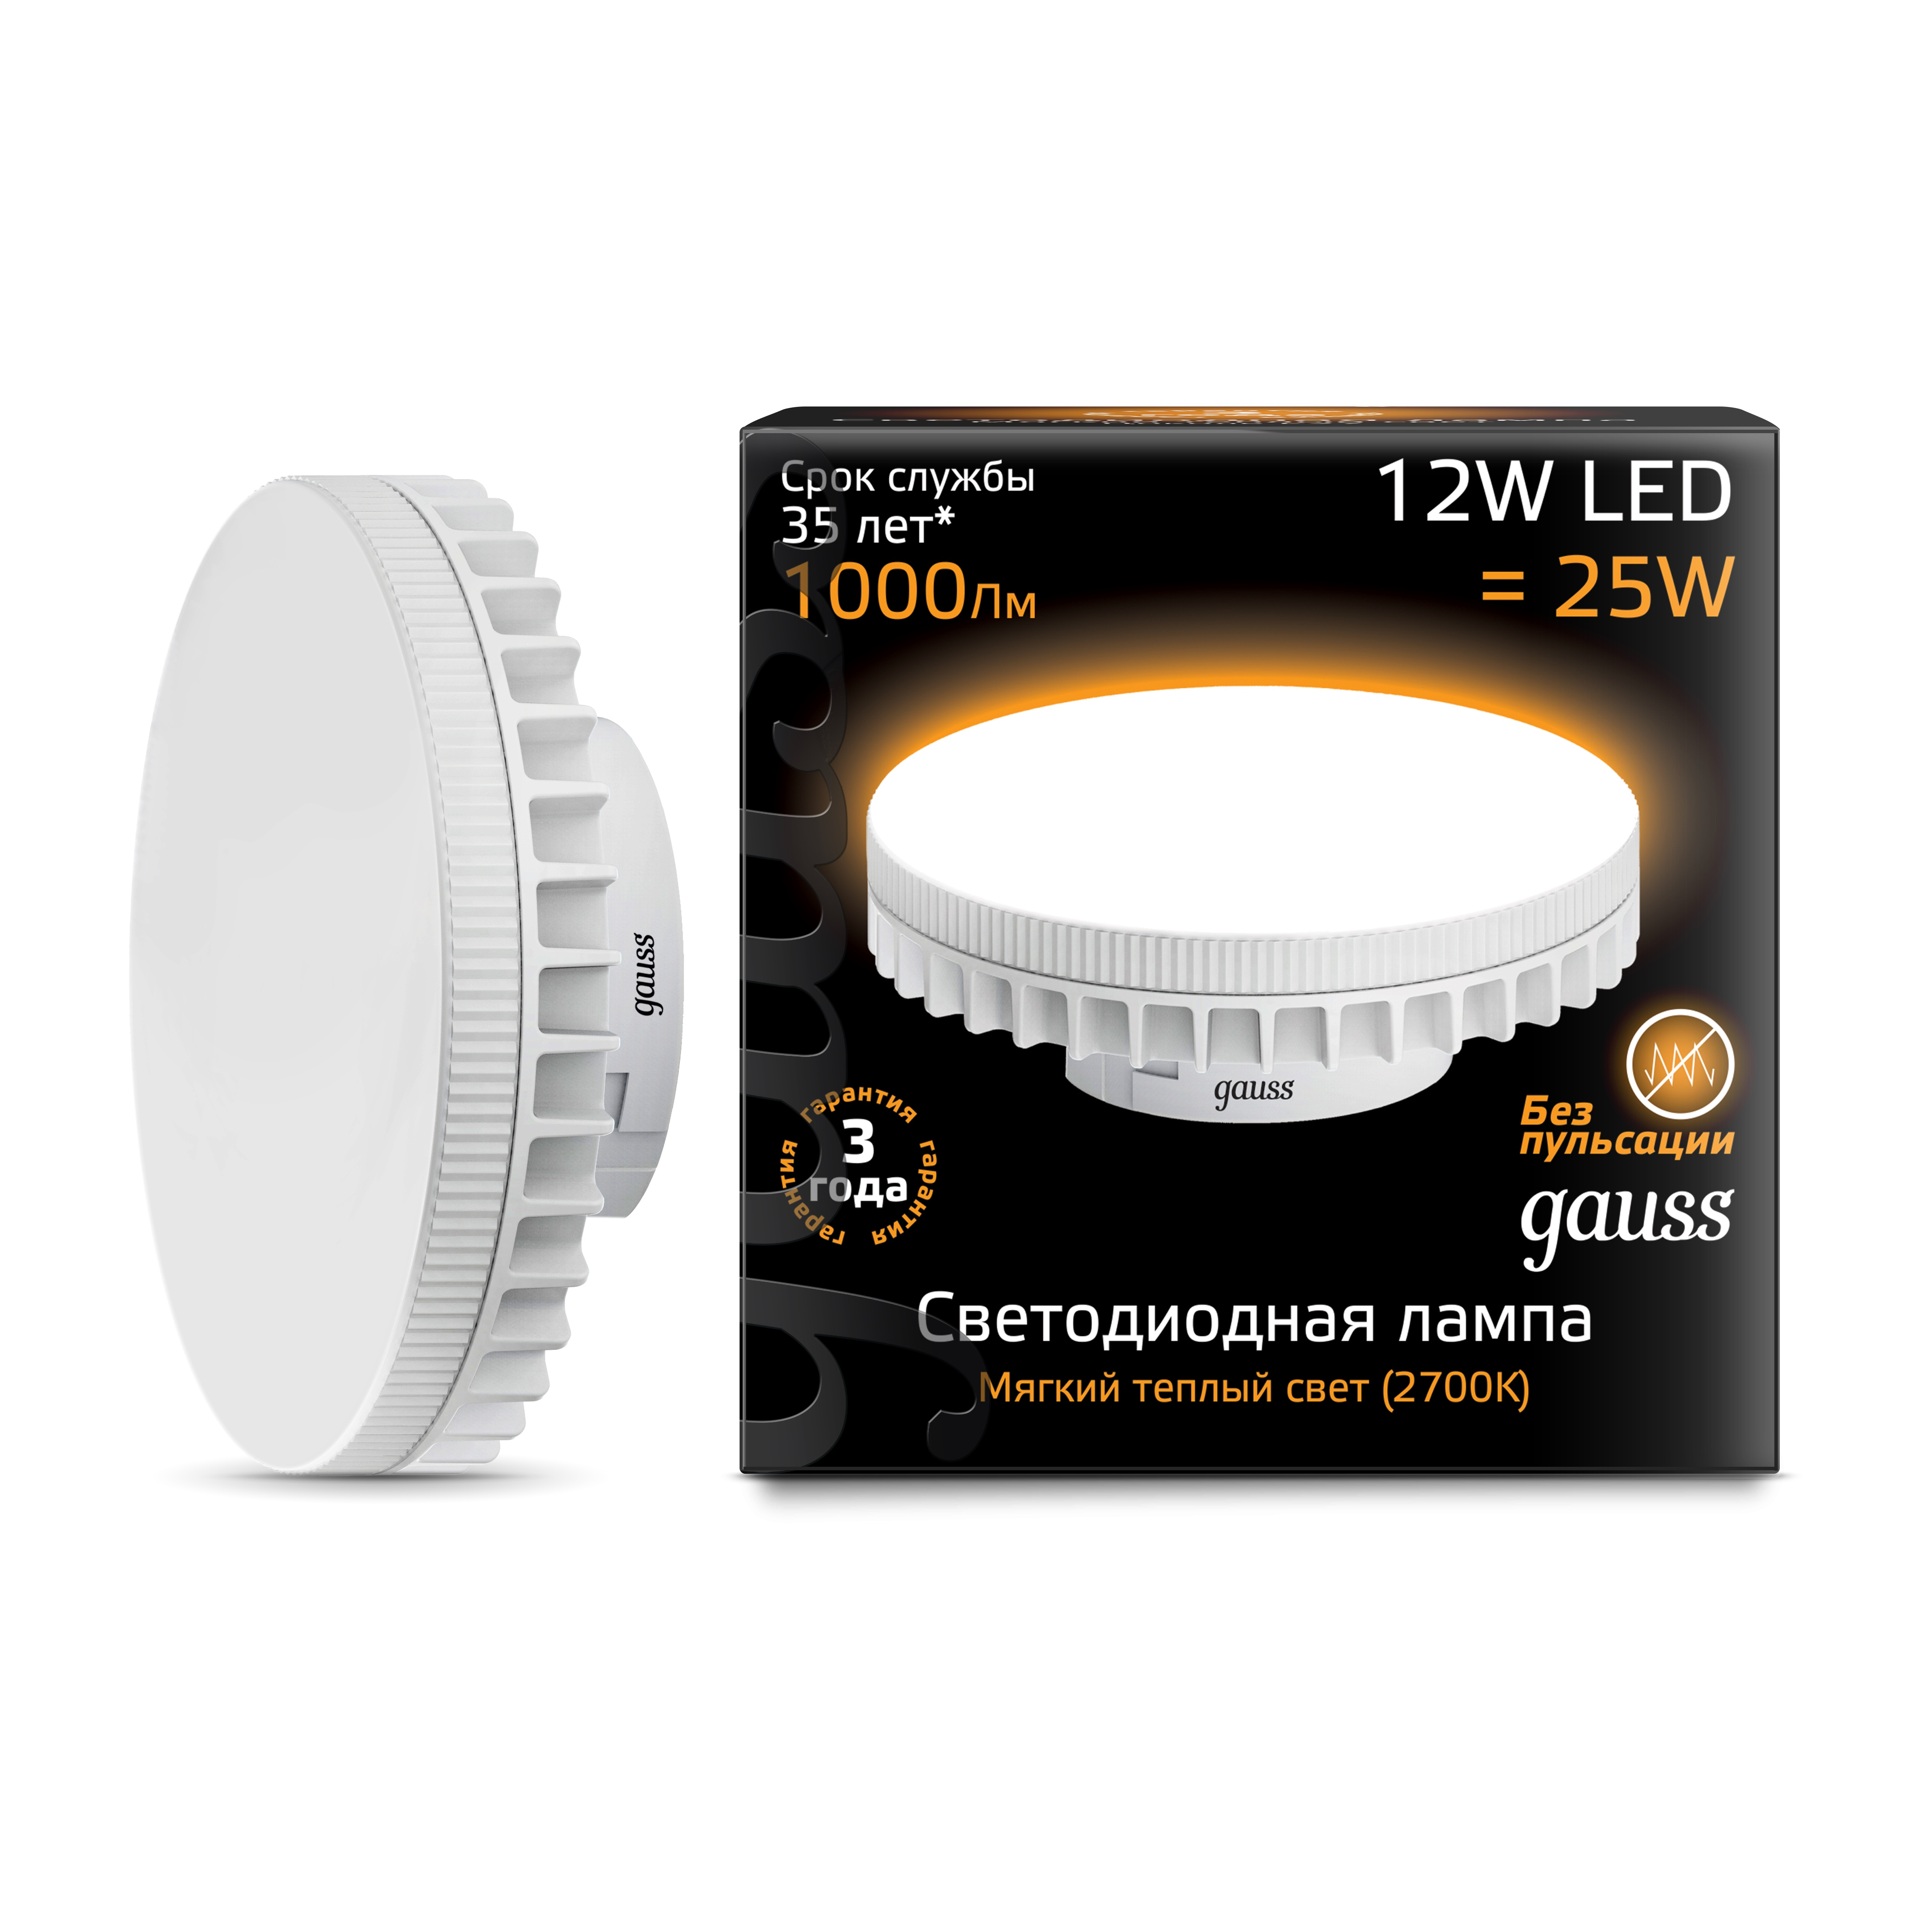 Лампа светодиодная Gauss 131016112